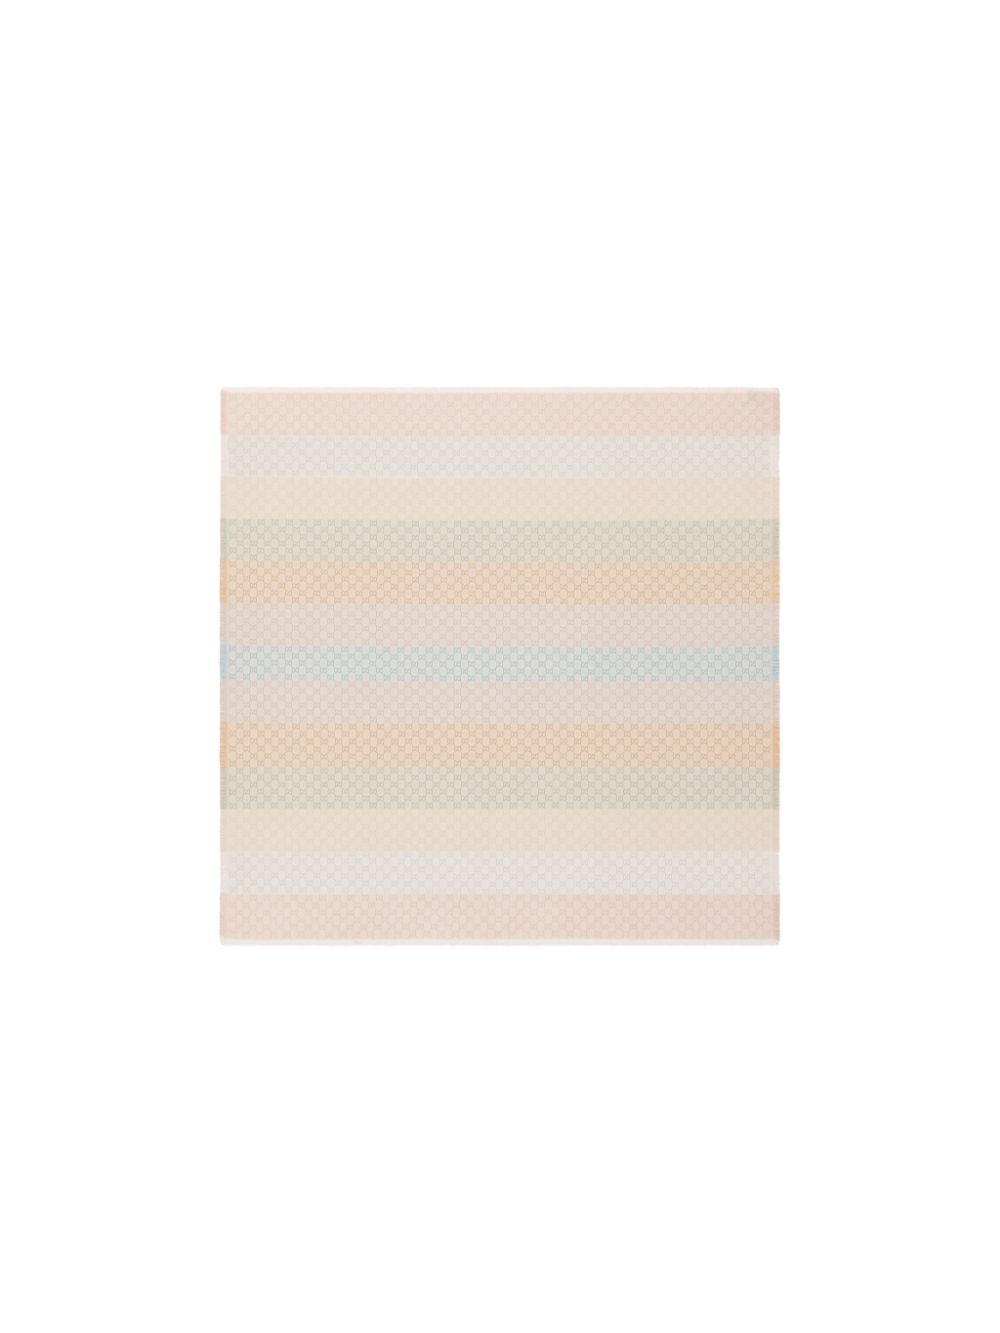 sciarpa 130x130 viscosa cotone fasce+gg lurex colorato bordi frange GUCCI   Sciarpe e foulards   558274-3GC469288